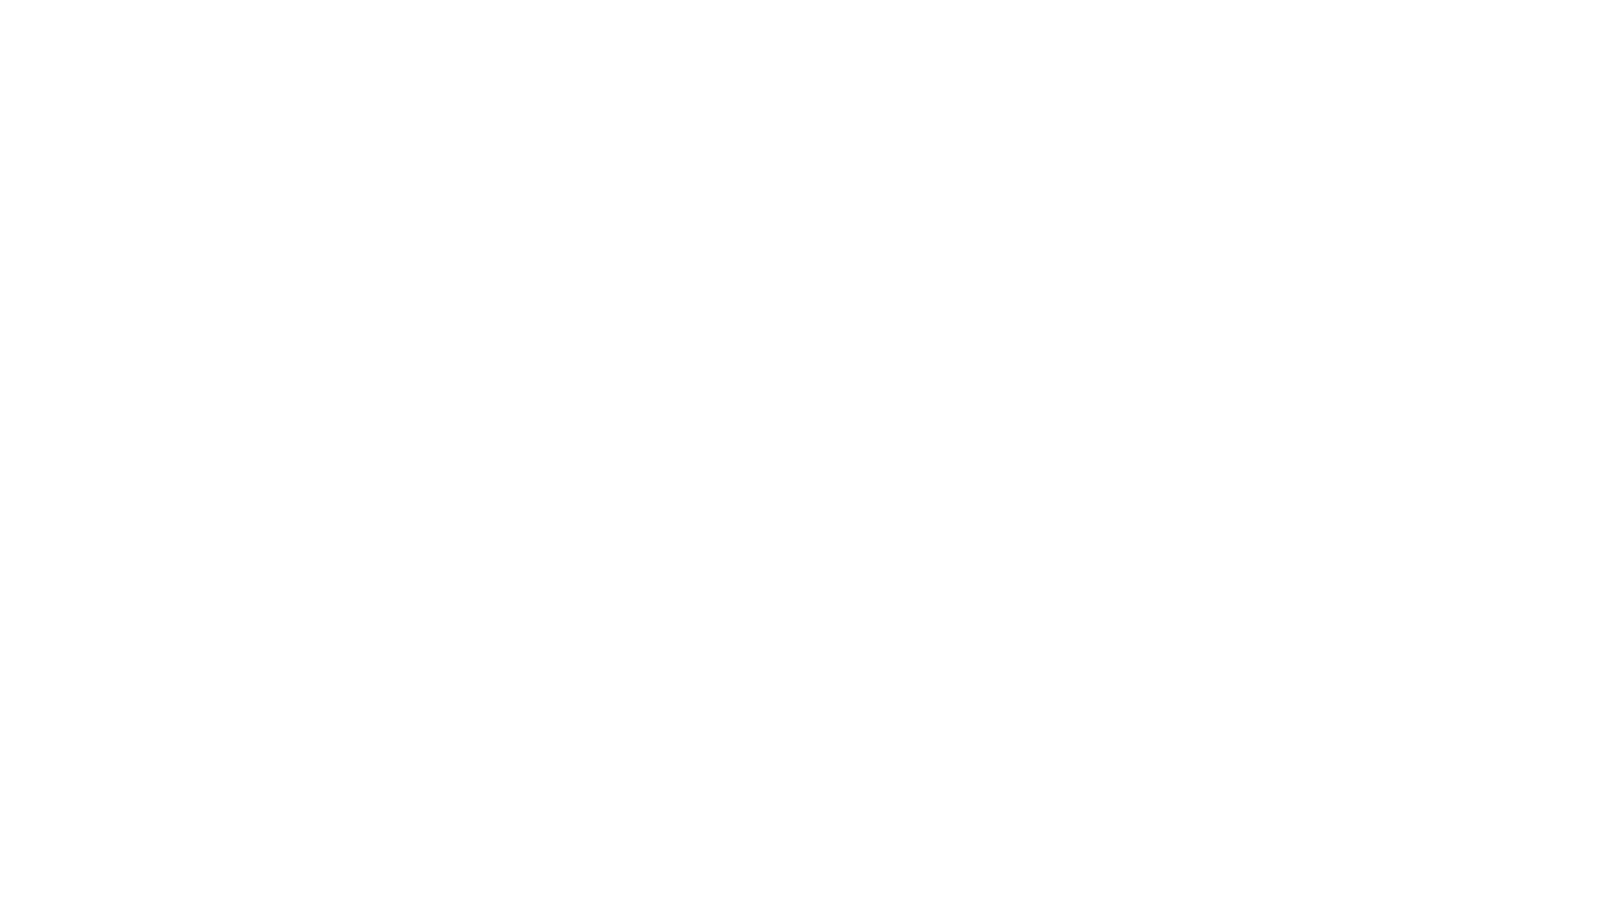 """""""Dit ruikt heerlijk op een warme zomer-avond. Hier kan geen parfum tegenop!""""  Aldus een tevreden gebruiker van de Pure Graze Saladebuffetten l Kruidenrijk Grasland.  Meer info op: www.puregraze.com/Saladebuffet/  Video gemaakt op: 19 juli 2020 in Rutten (FL)"""